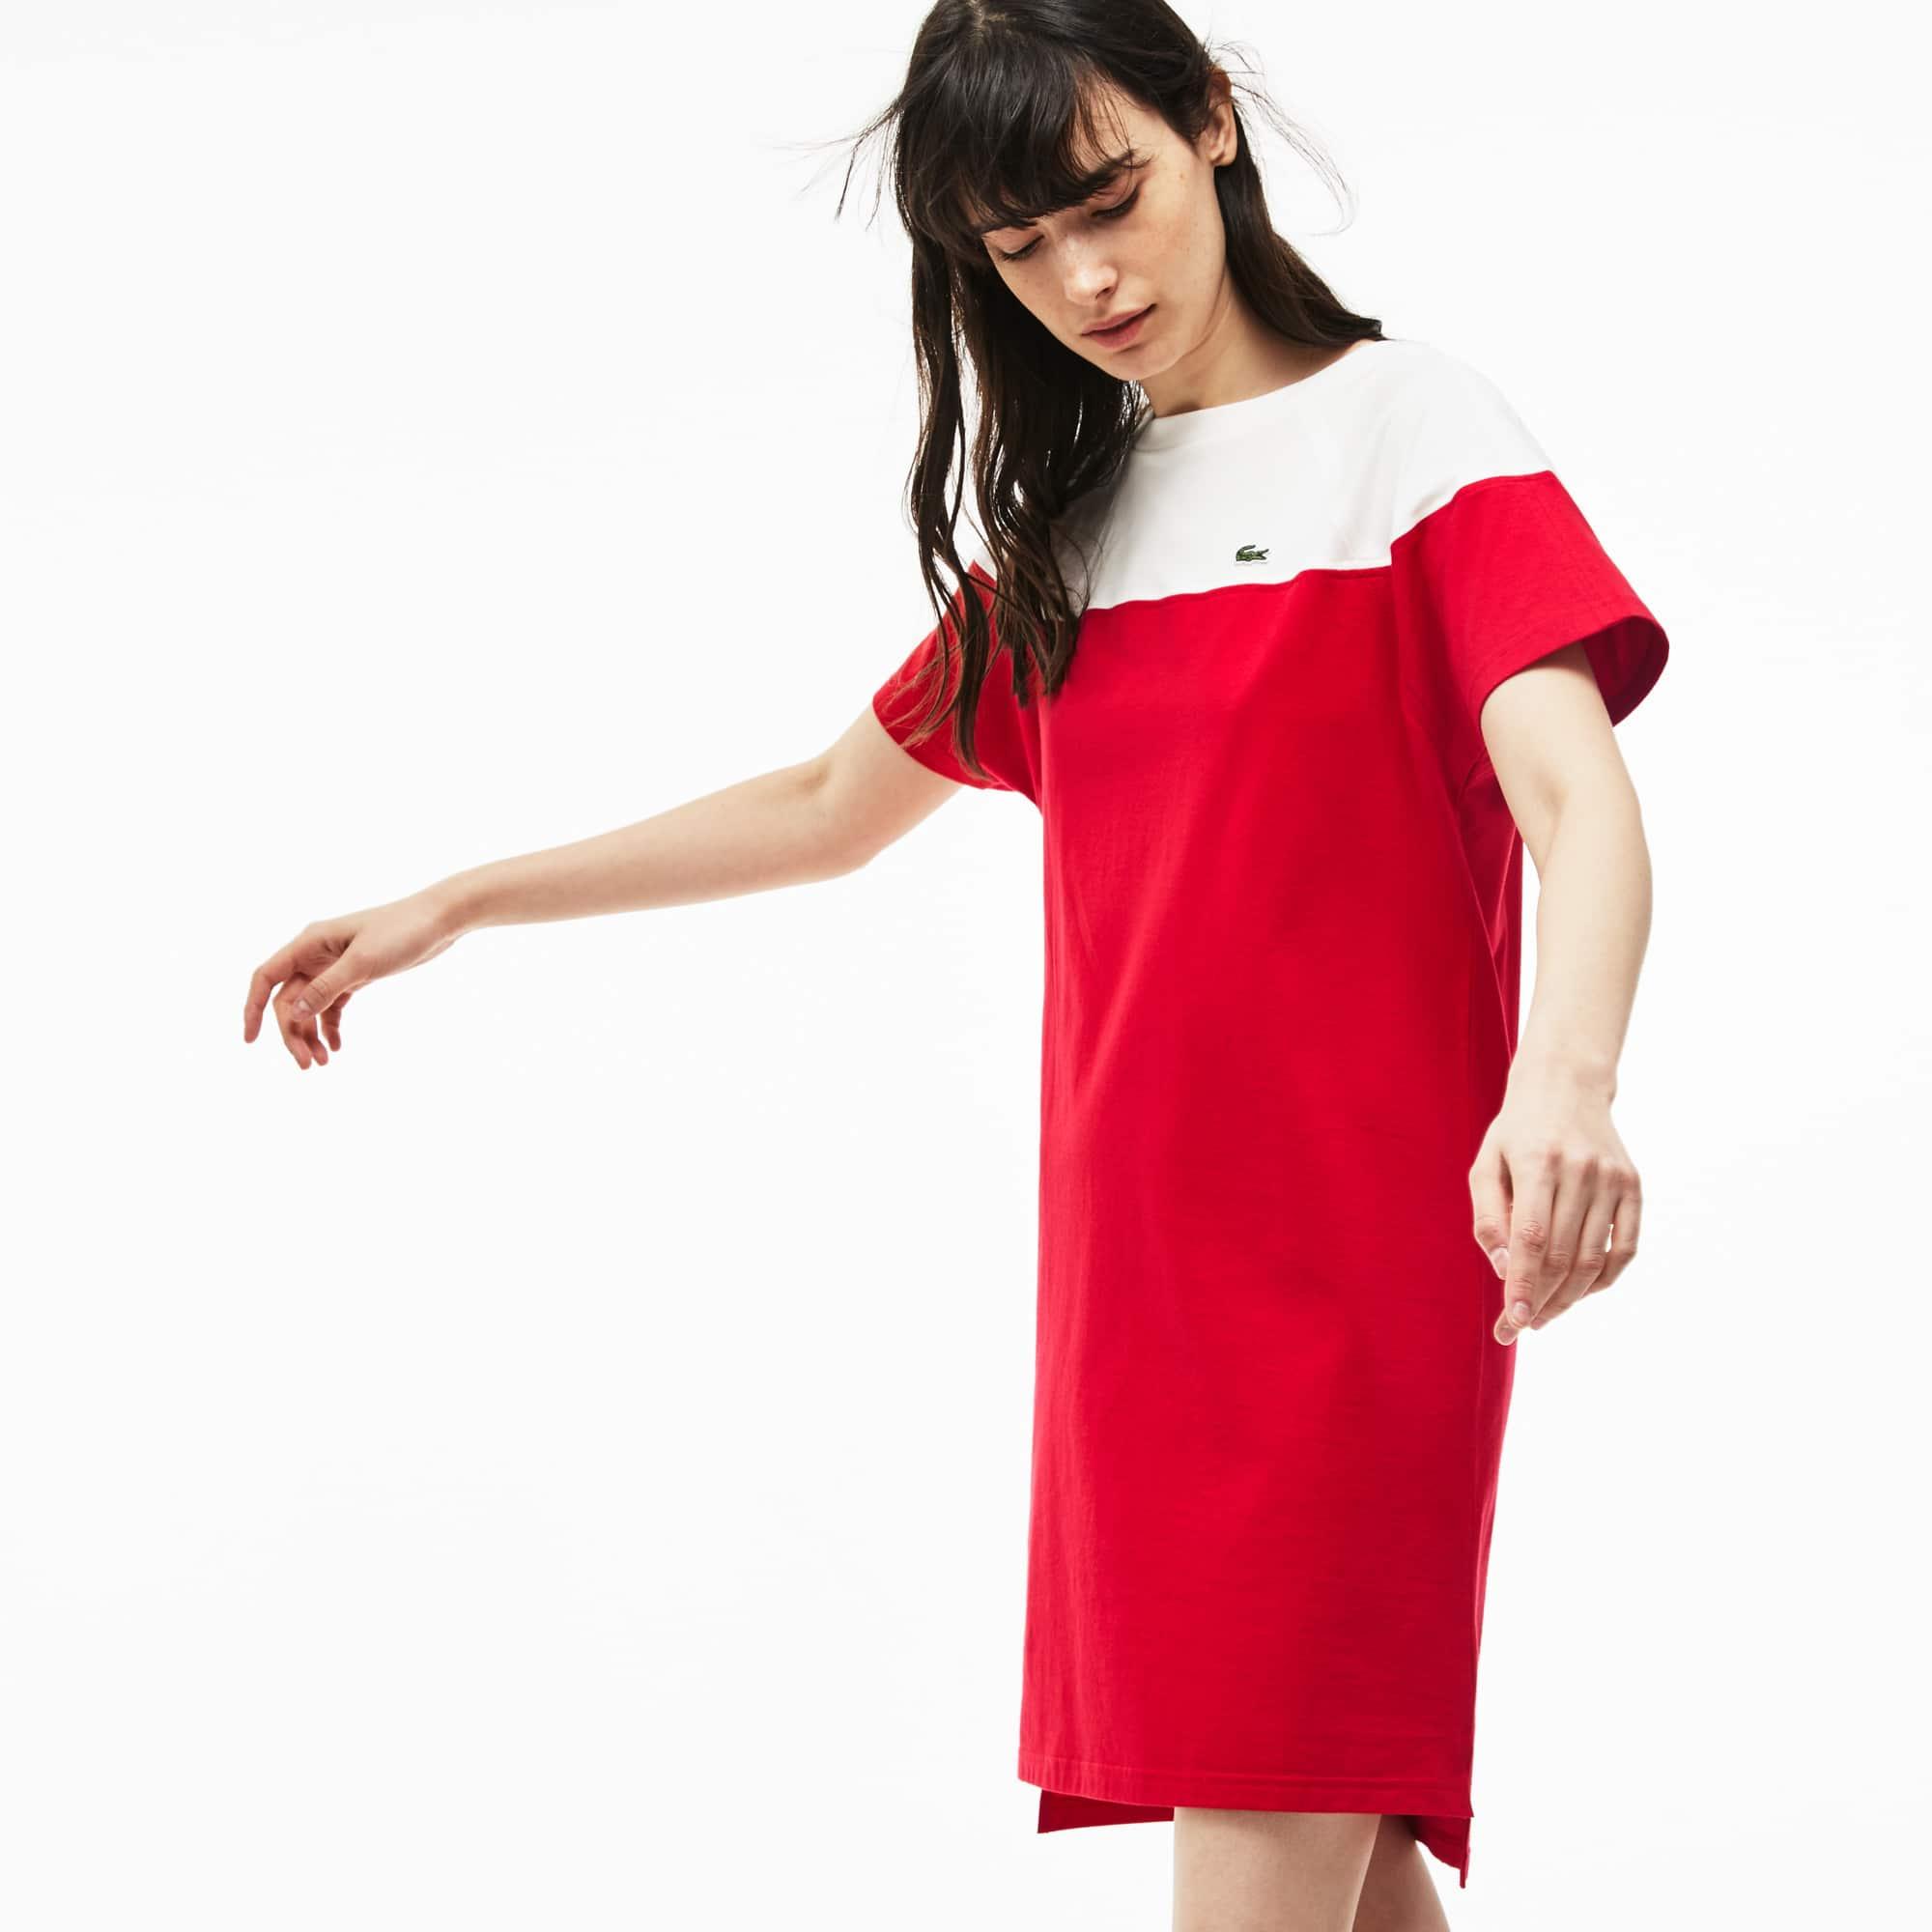 Damen-T-Shirt-Kleid aus Baumwolljersey mit U-Boot-Ausschnitt   LACOSTE